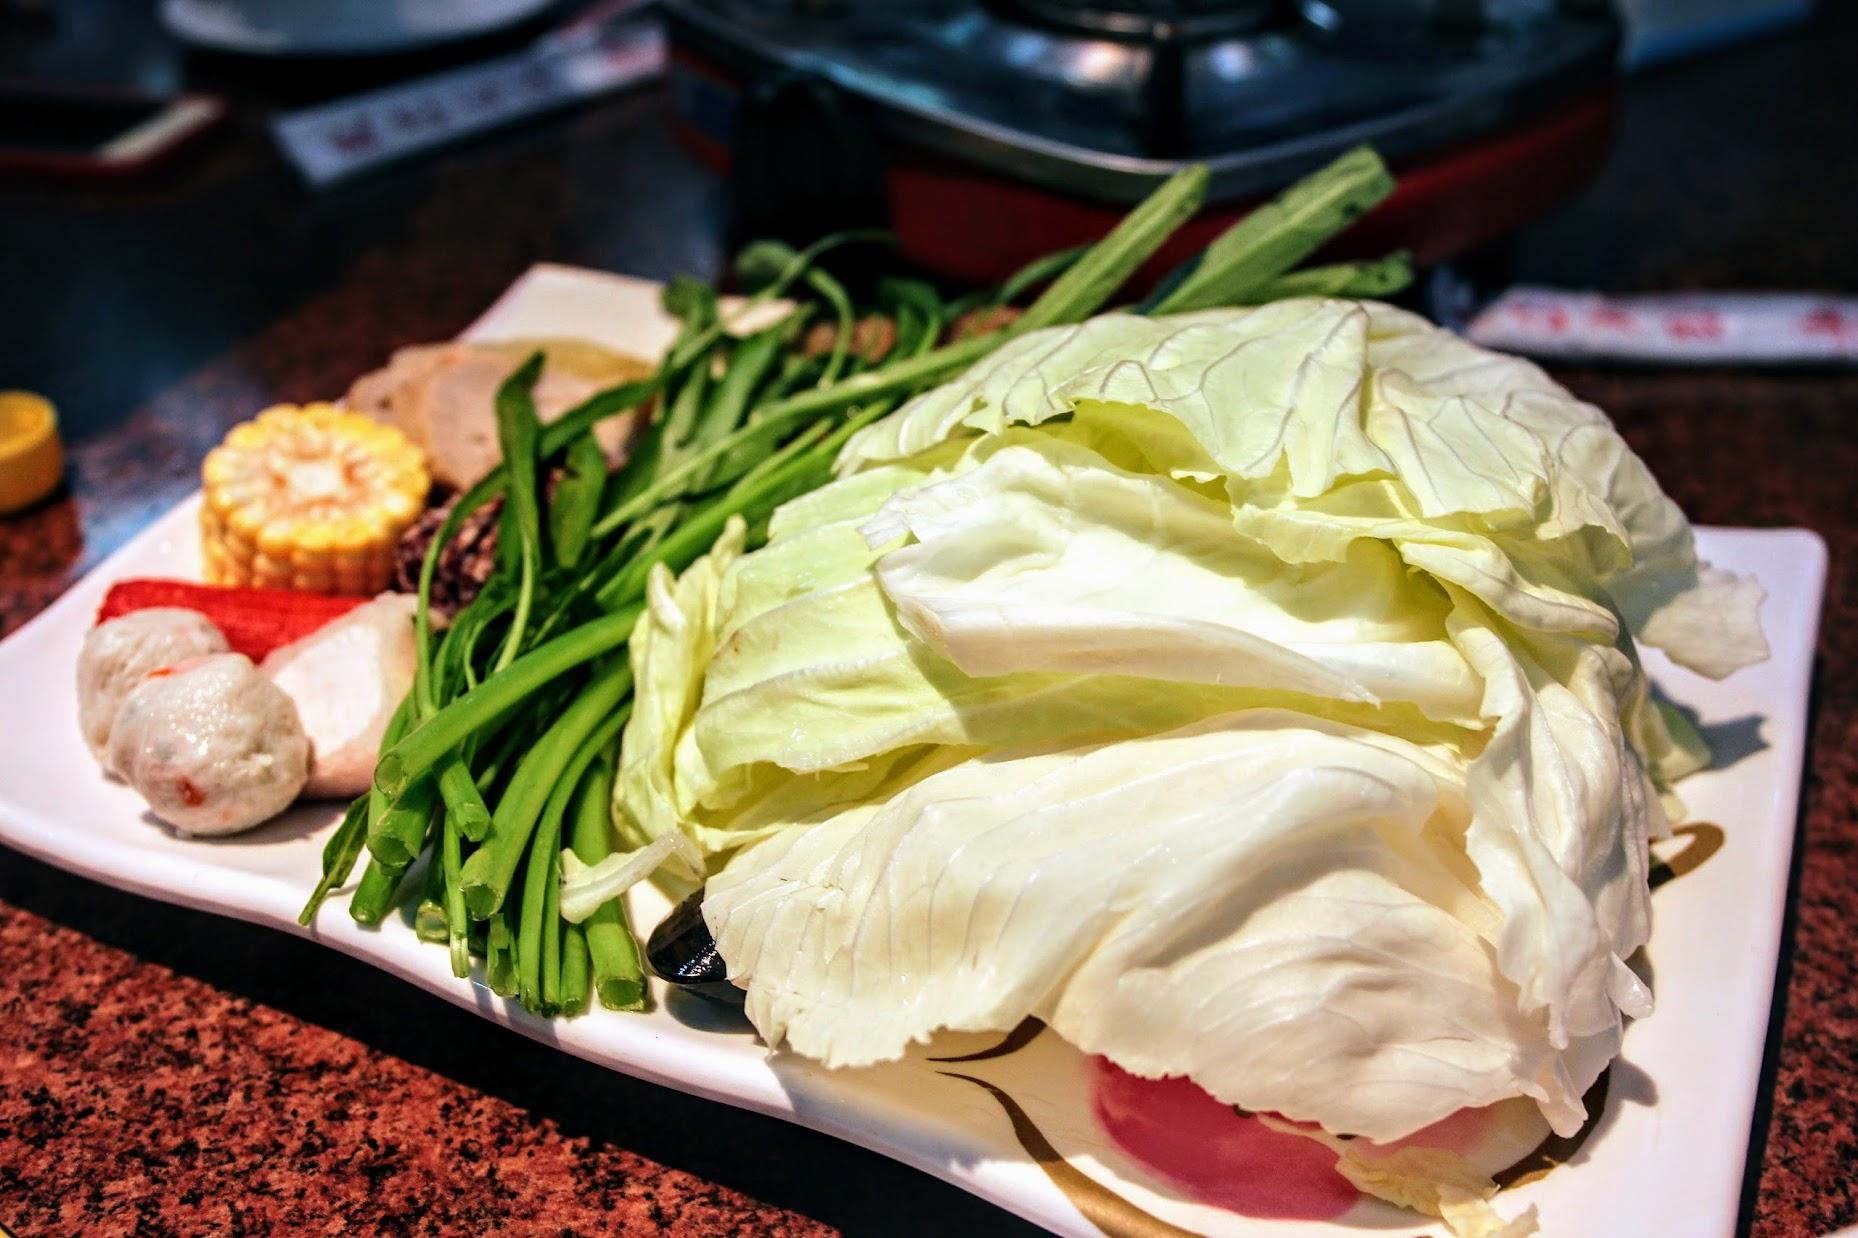 點一份鍋底就有一盤菜盤和一盤肉